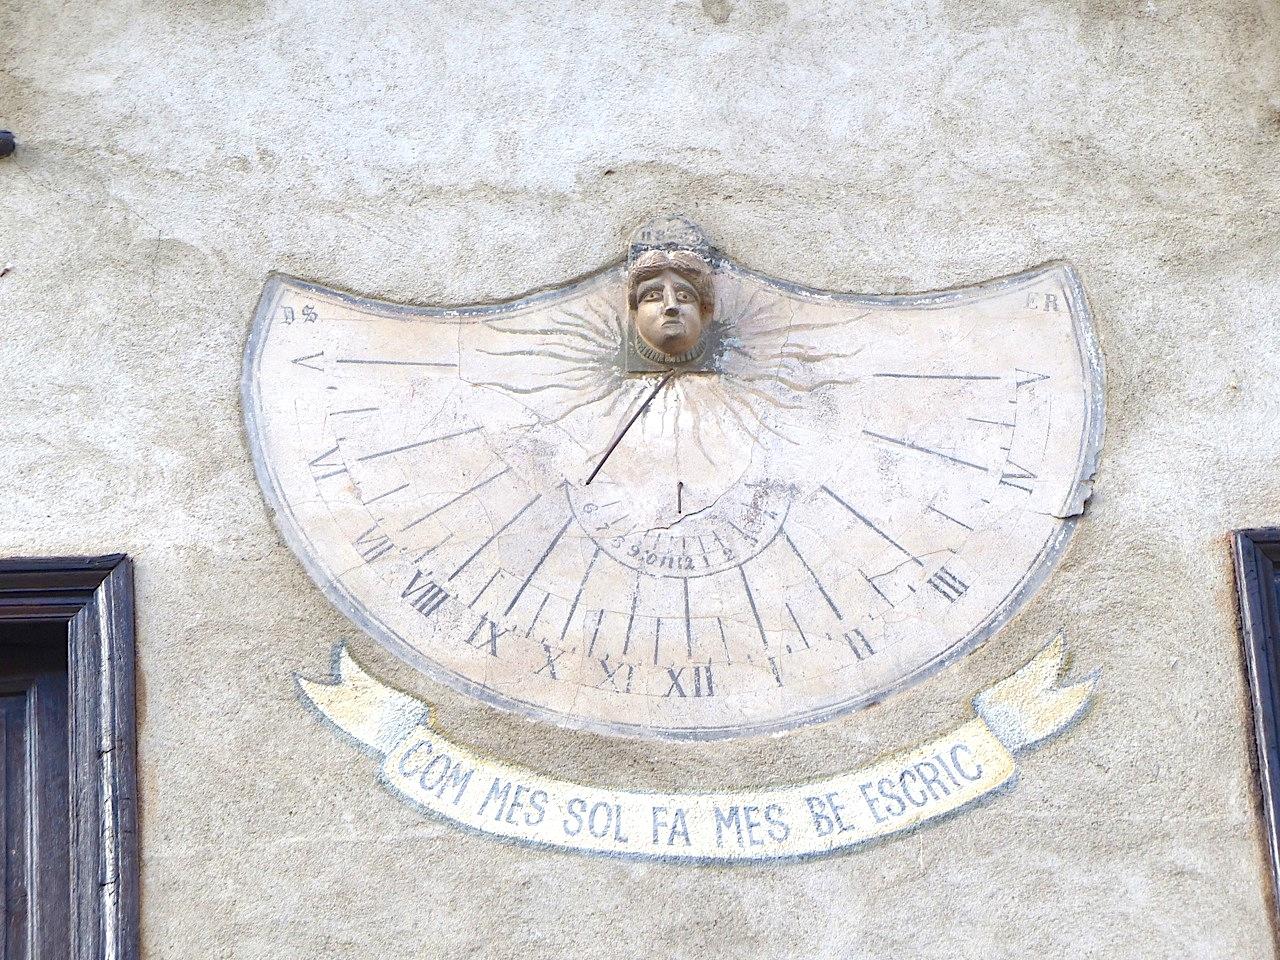 Double sundial, Villefranche-de-Conflent, Pyrénées-Orientales